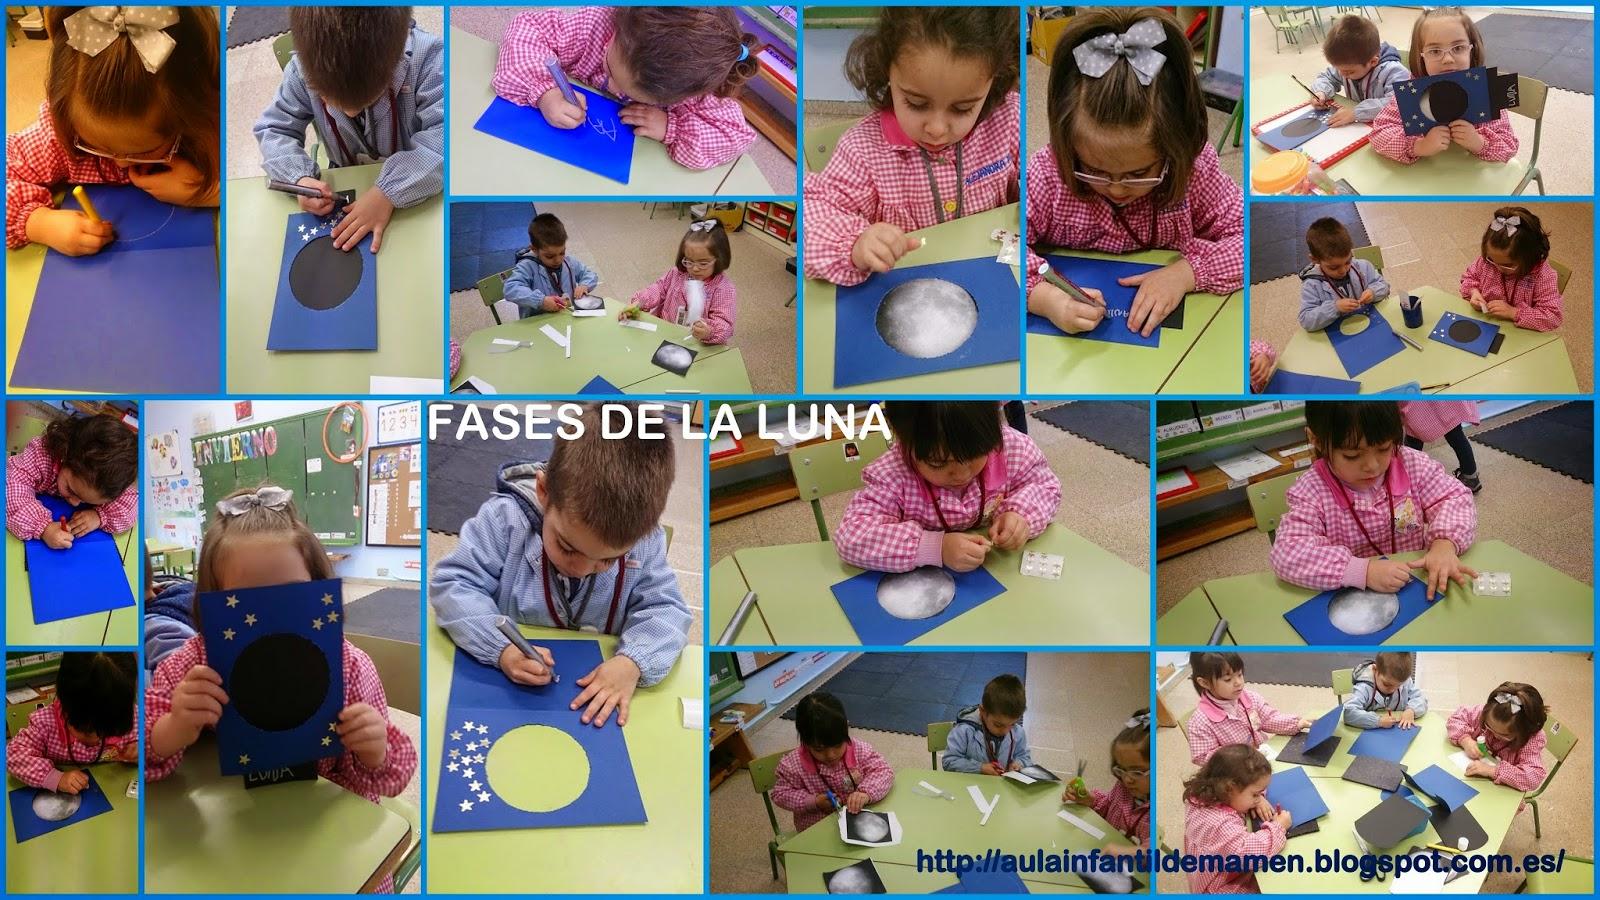 Aula De Infantil 1 Y 2 De Primaria De Viguera La Luna